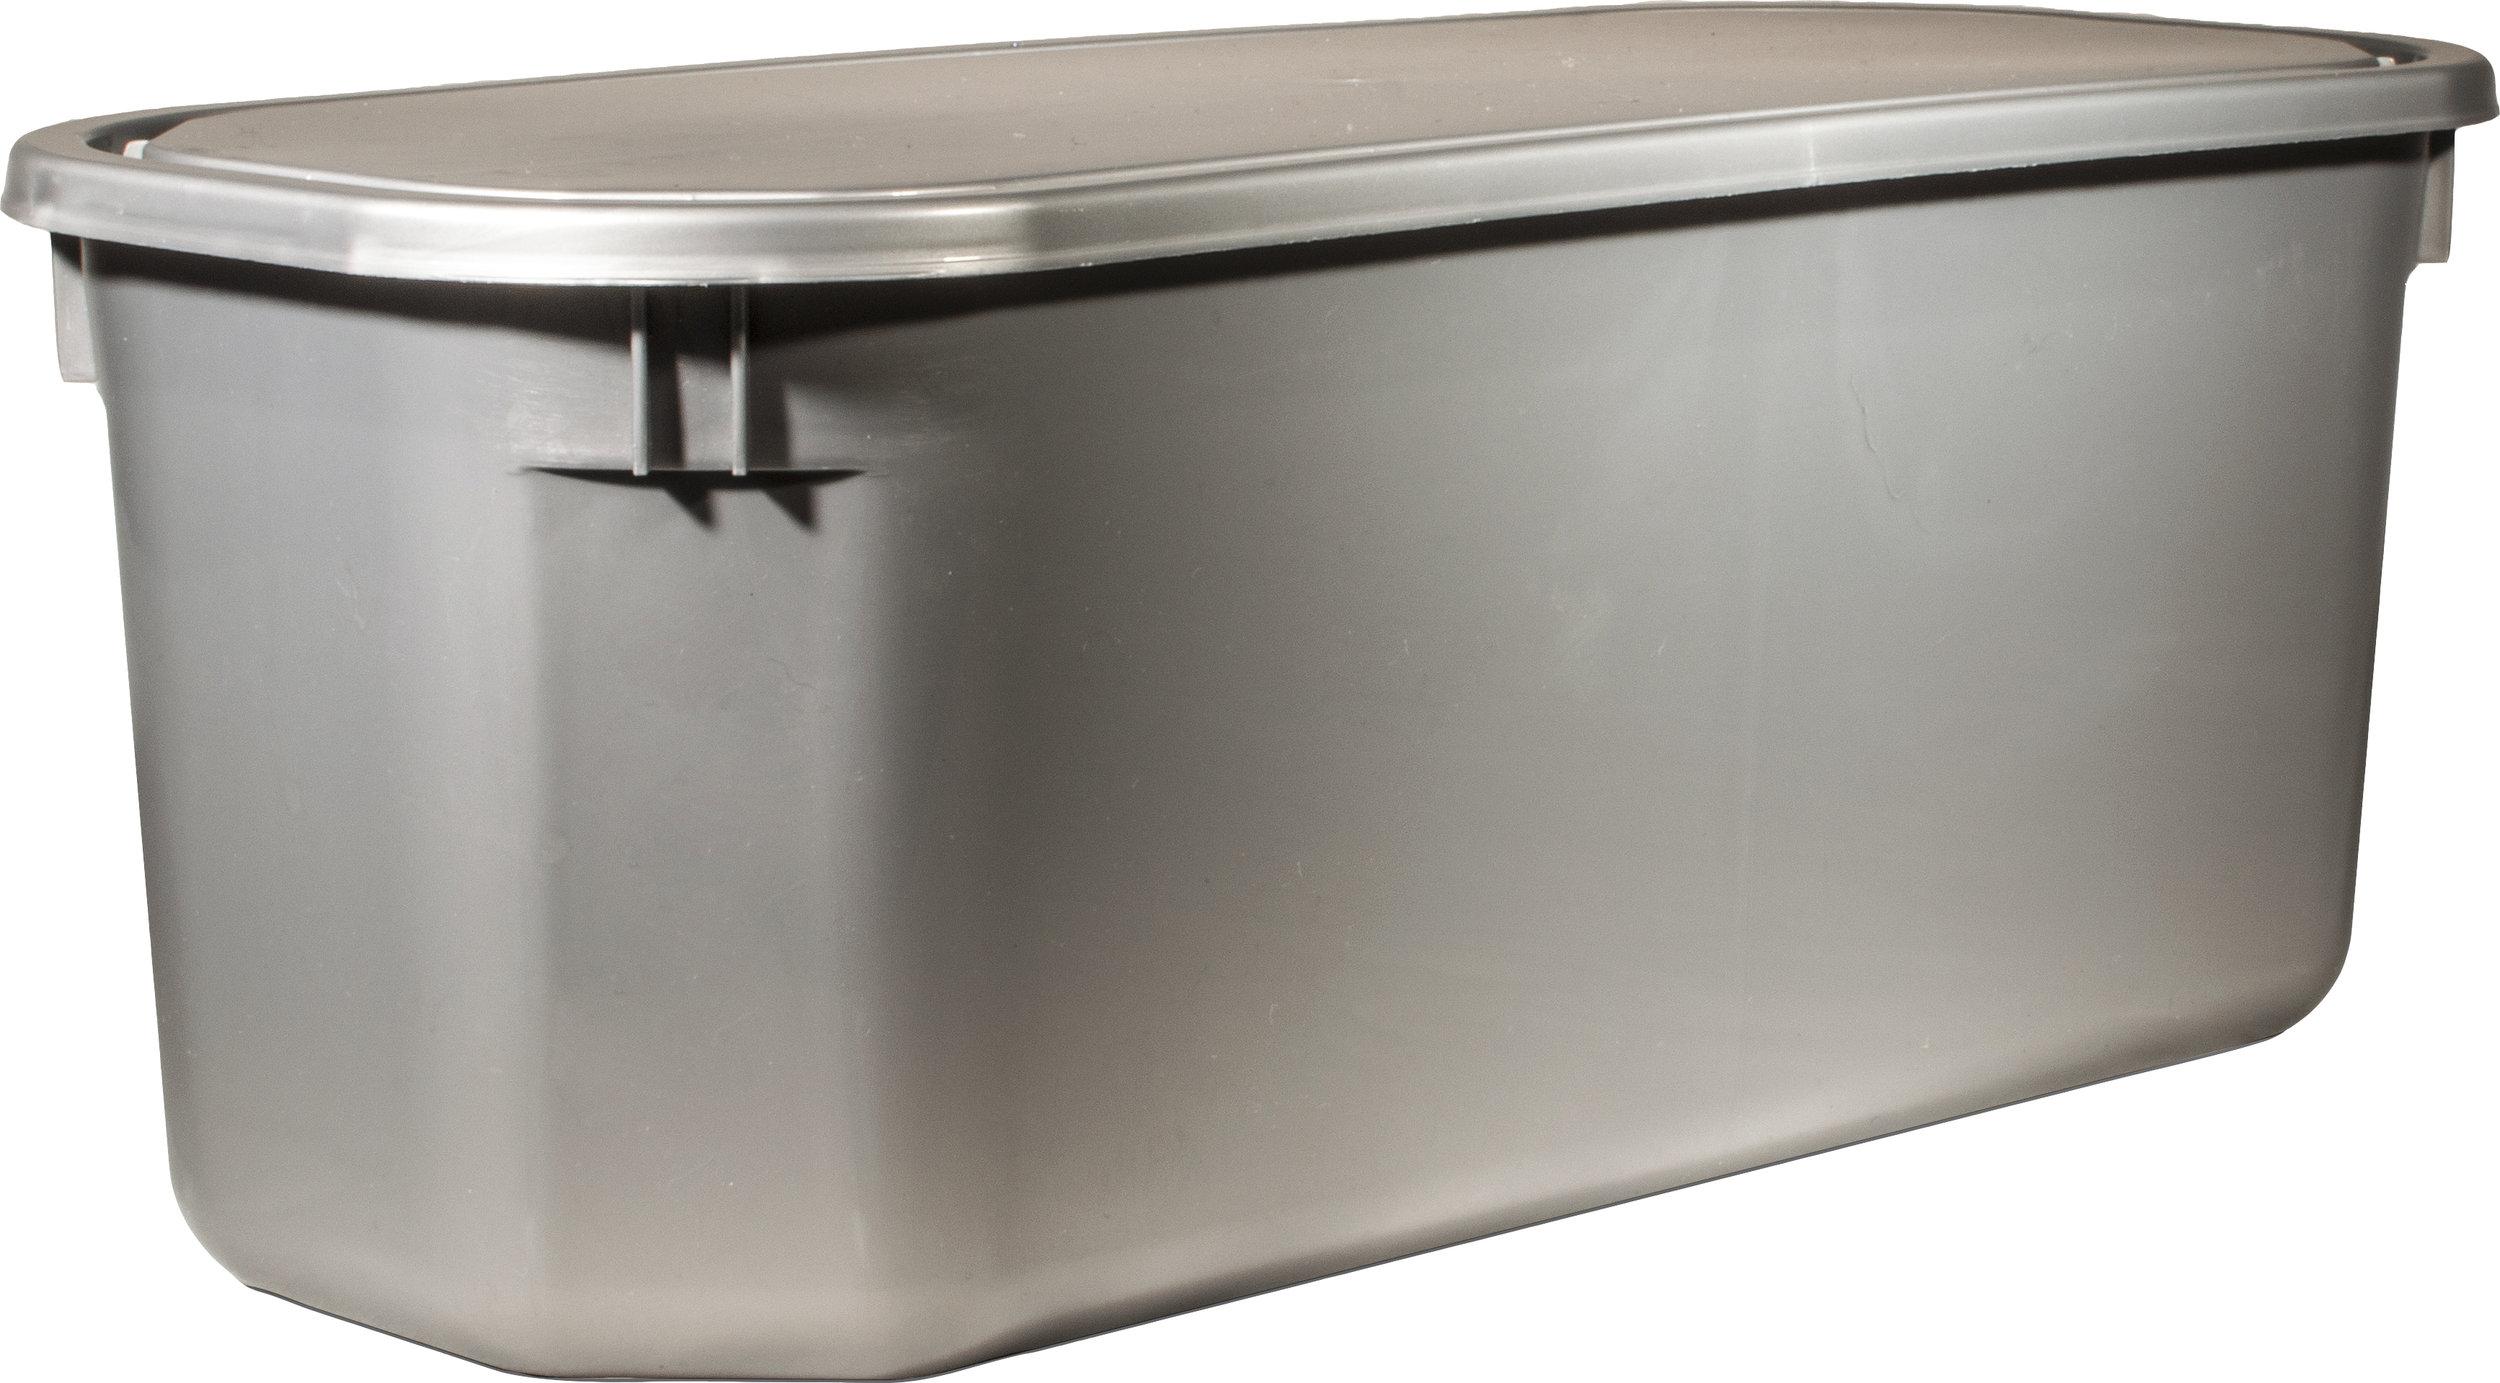 5 Liter Pan Liner